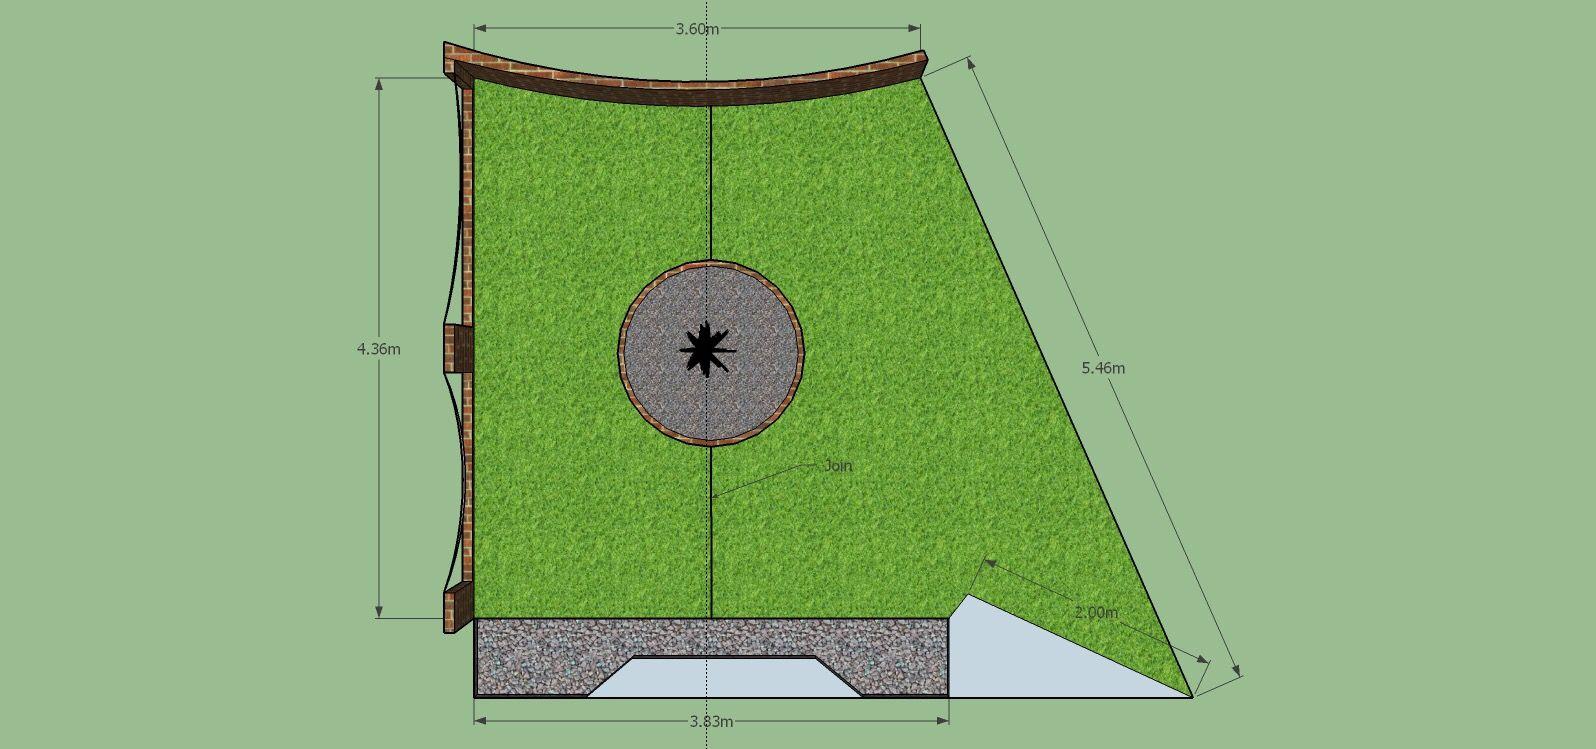 Artificial grass plan Artificial grass, Top soil